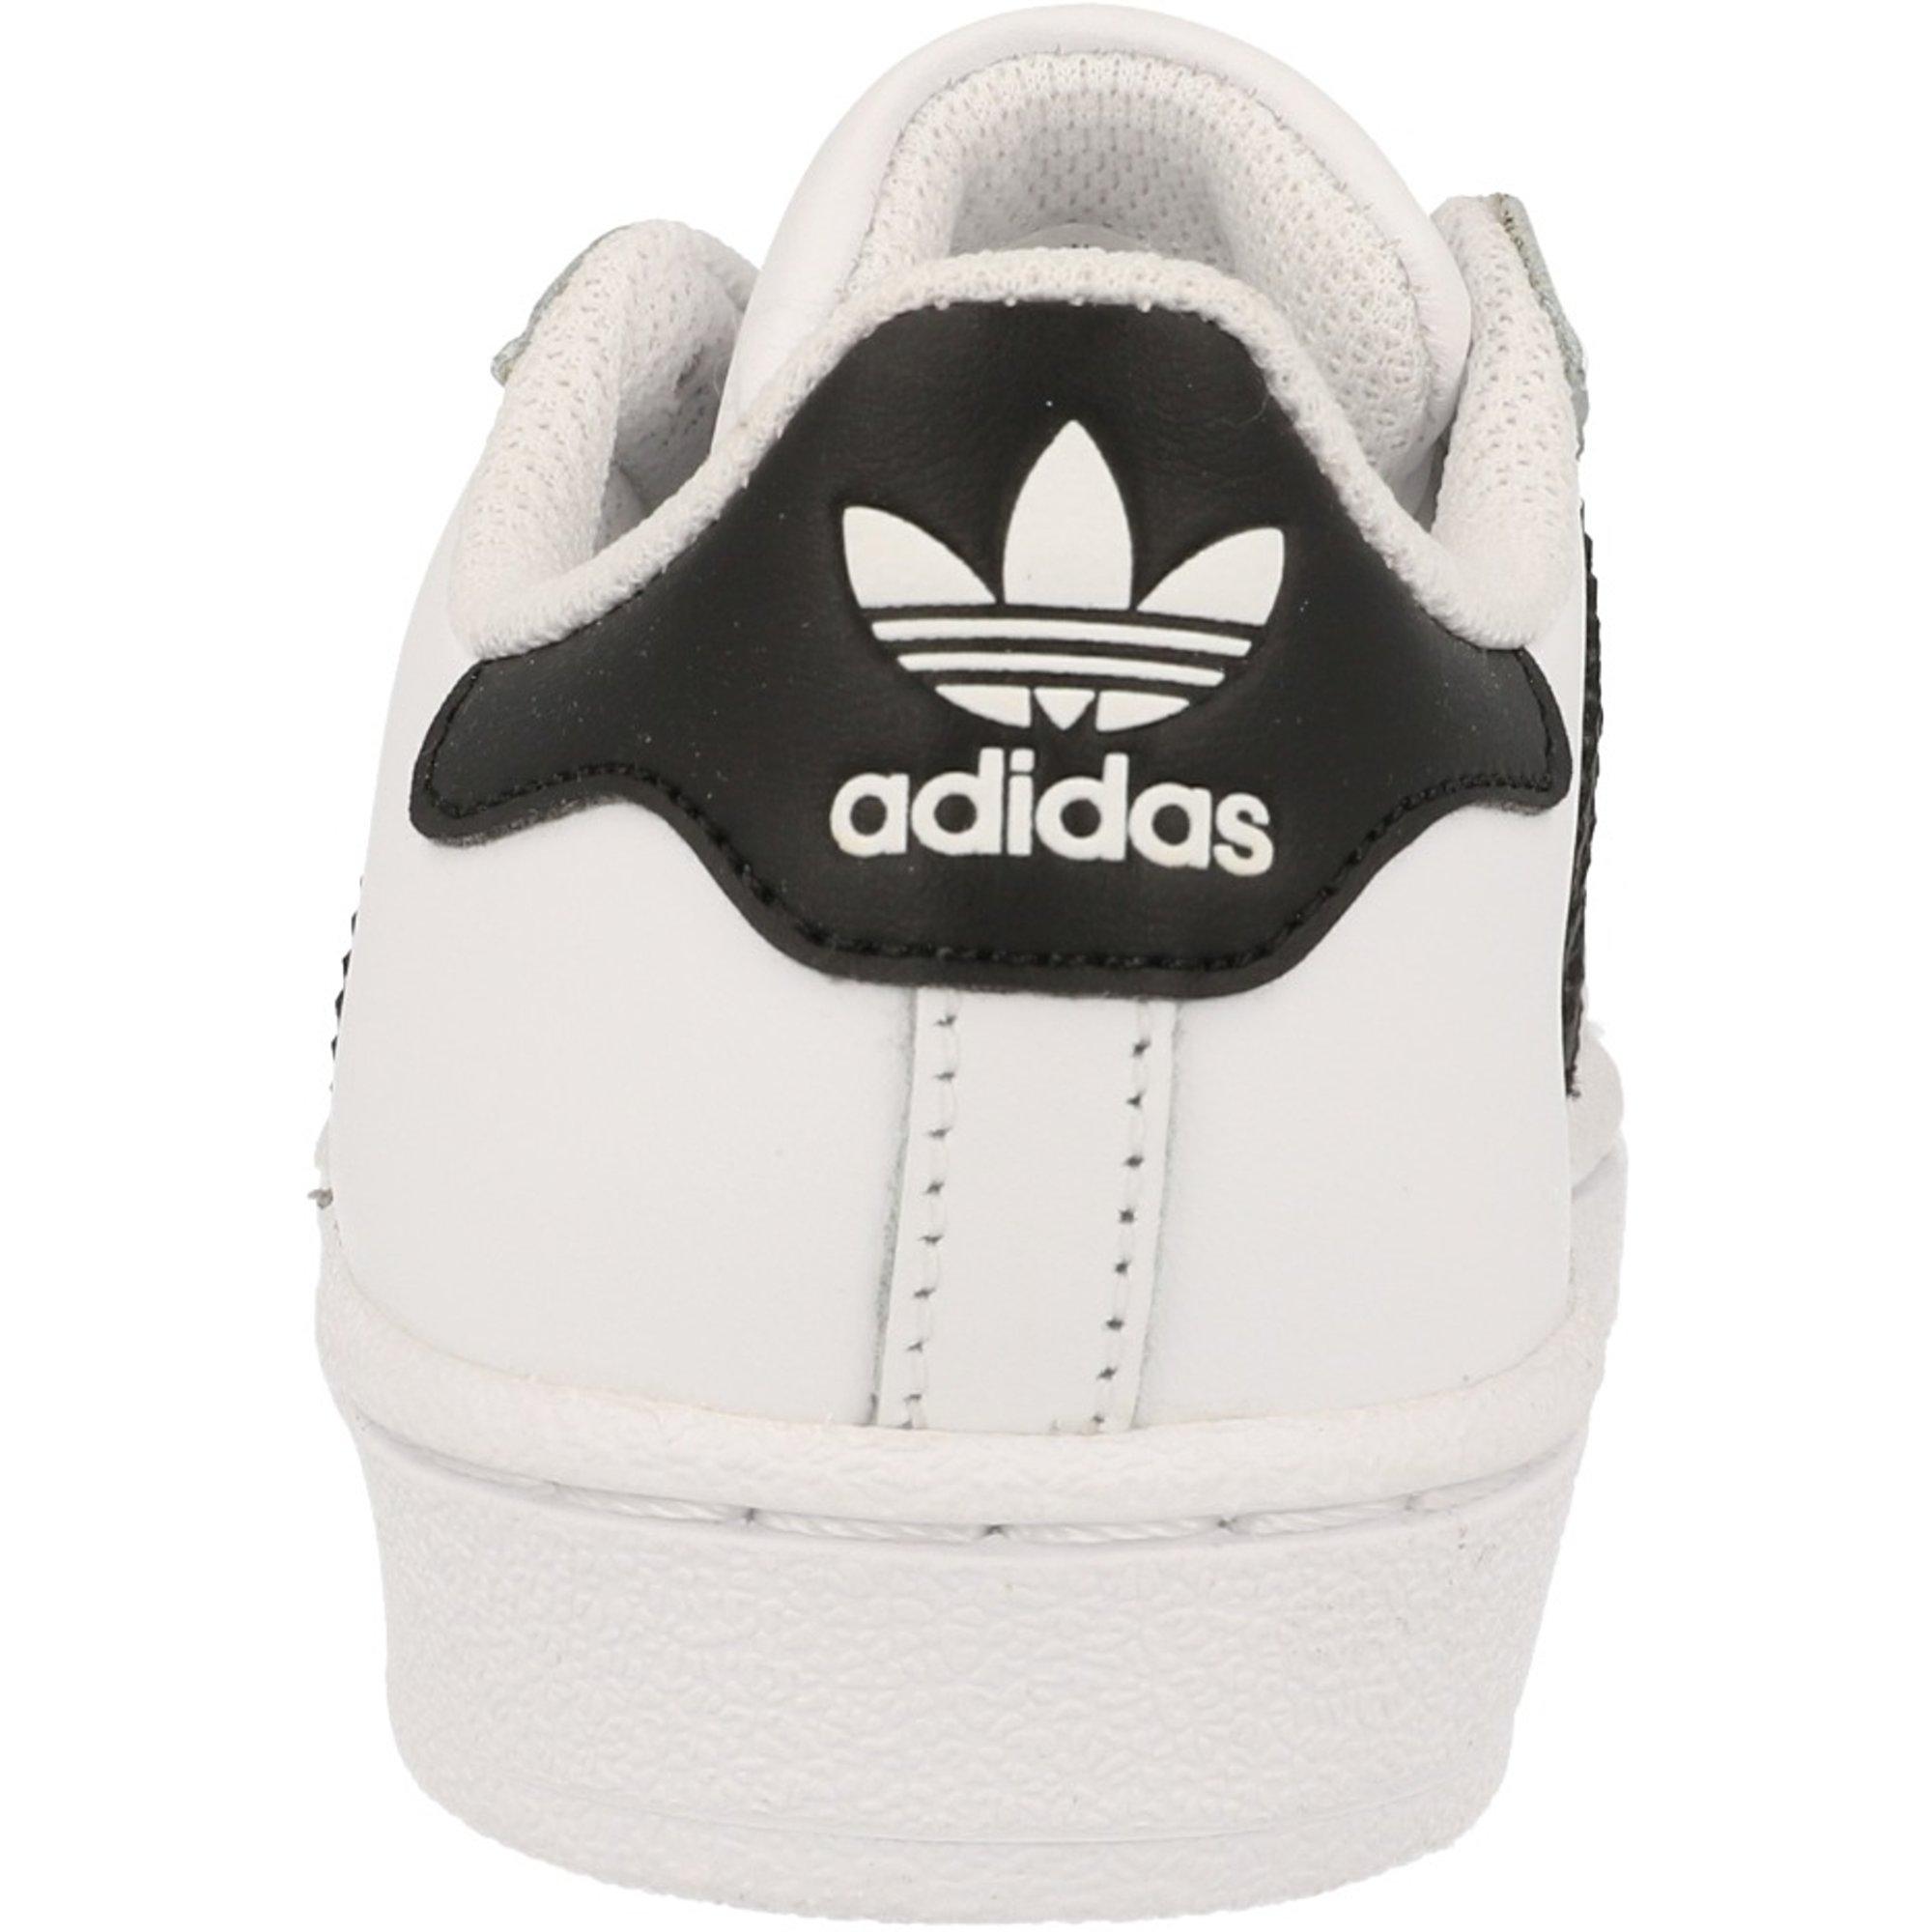 adidas Originals Superstar C White/Black Leather Junior